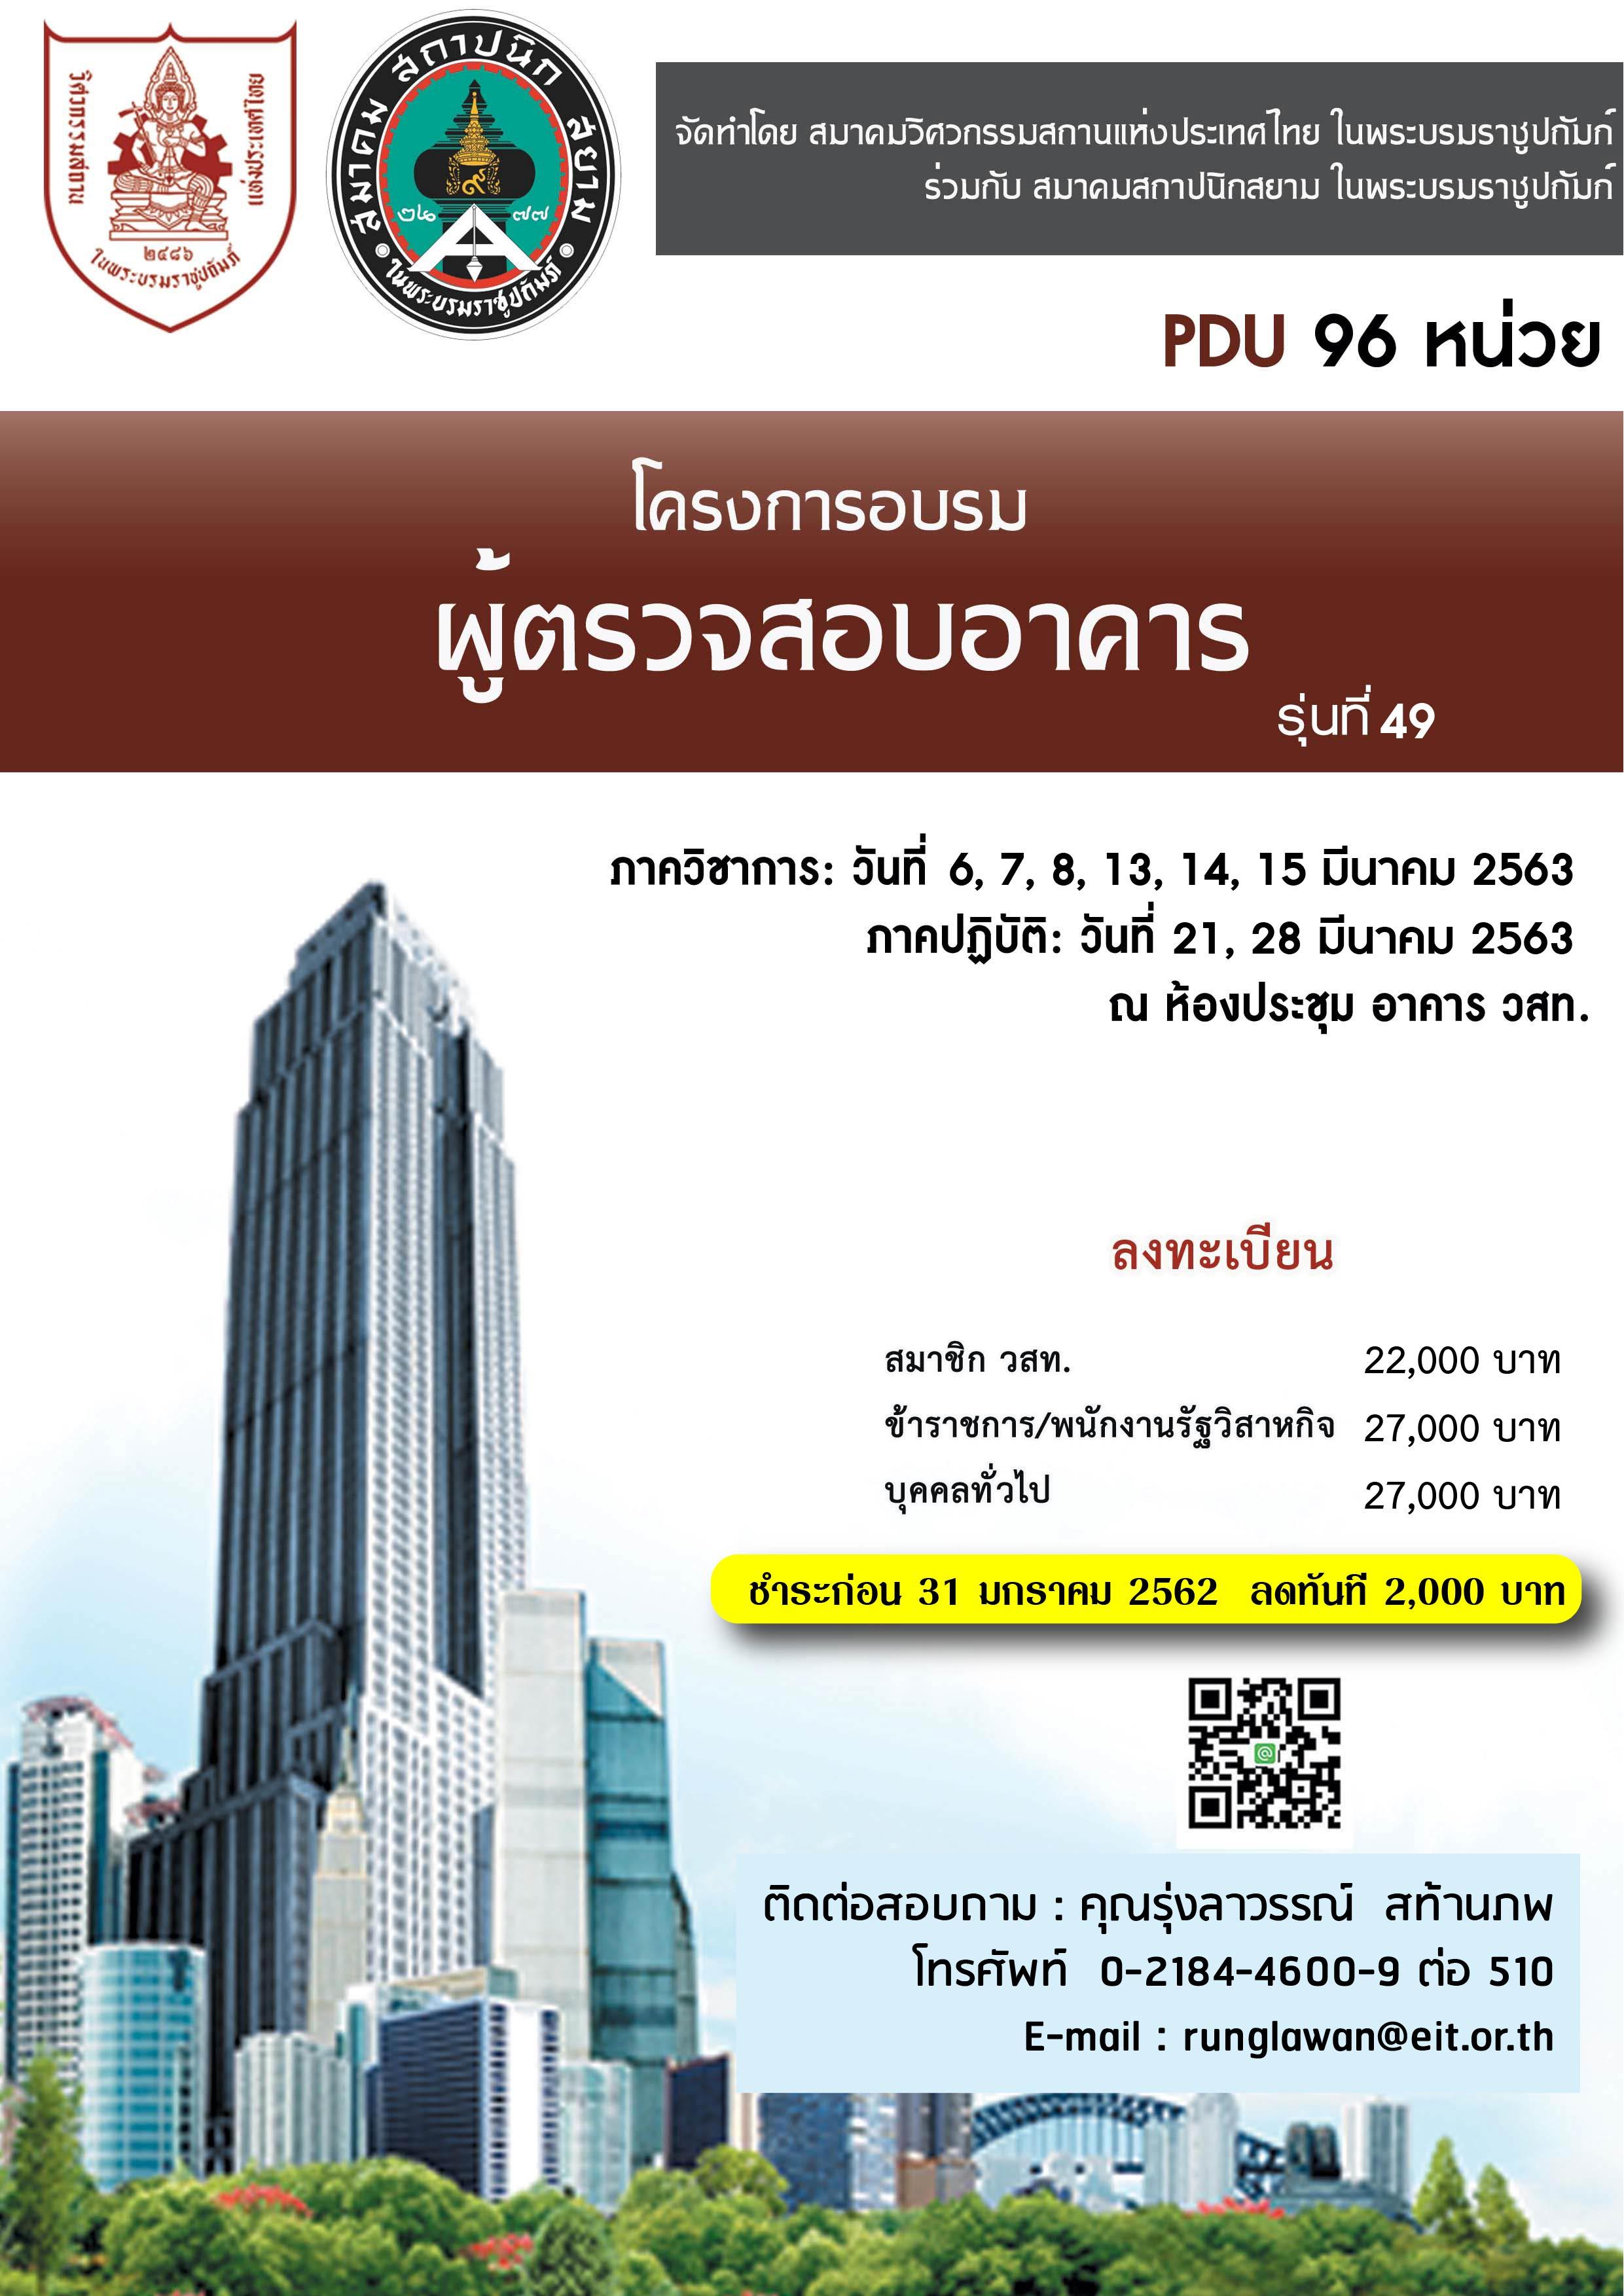 6-28/03/2563 การอบรมหลักสูตร ผู้ตรวจสอบอาคาร รุ่นที่ 49